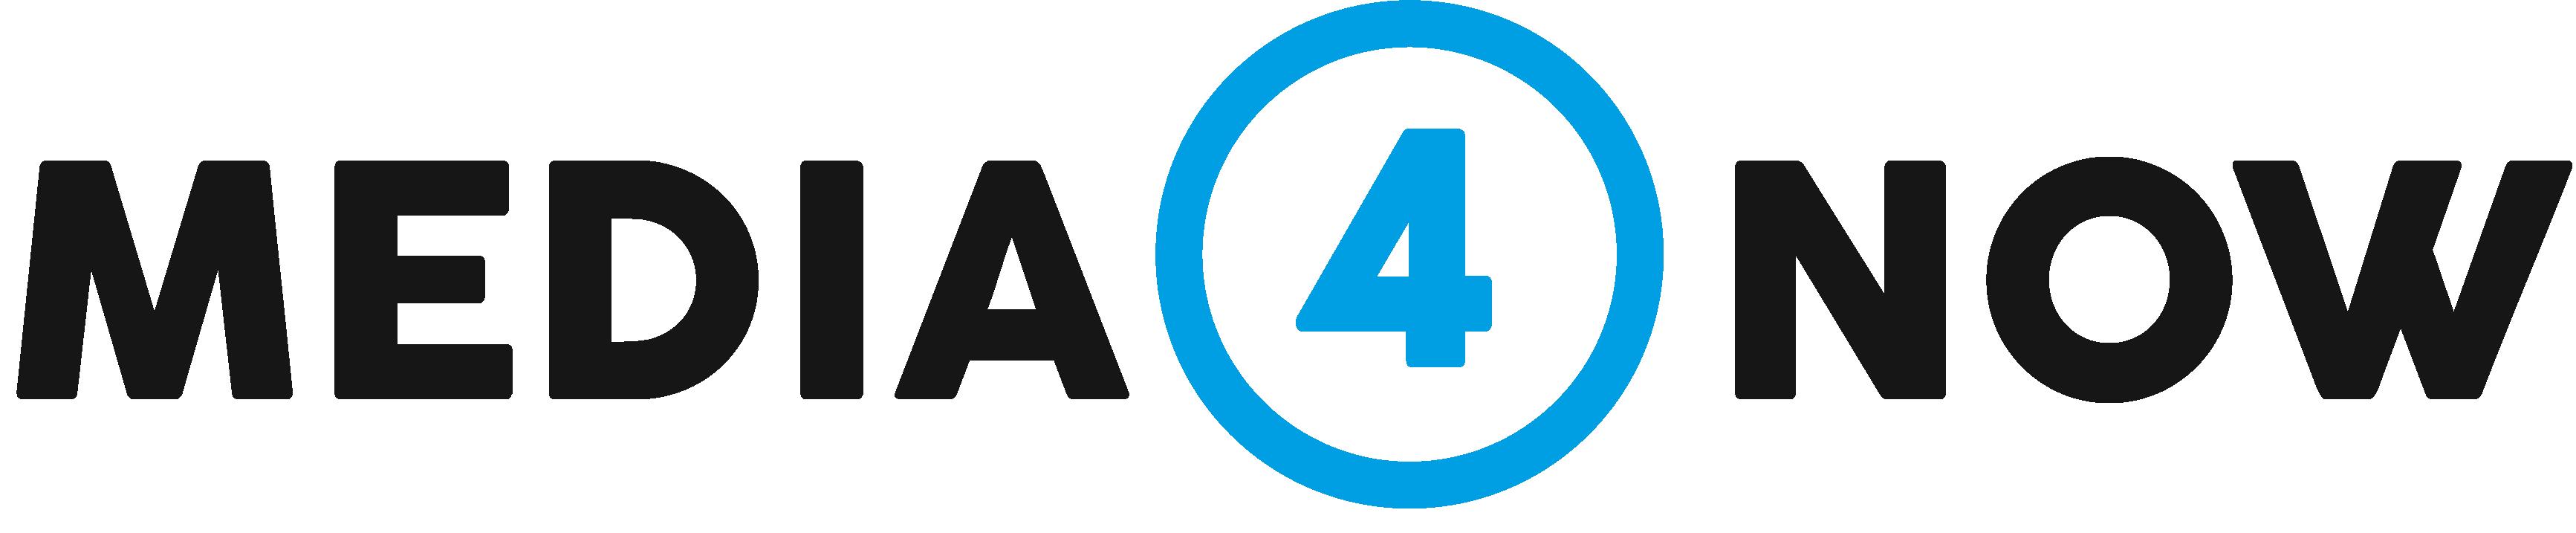 Media4now